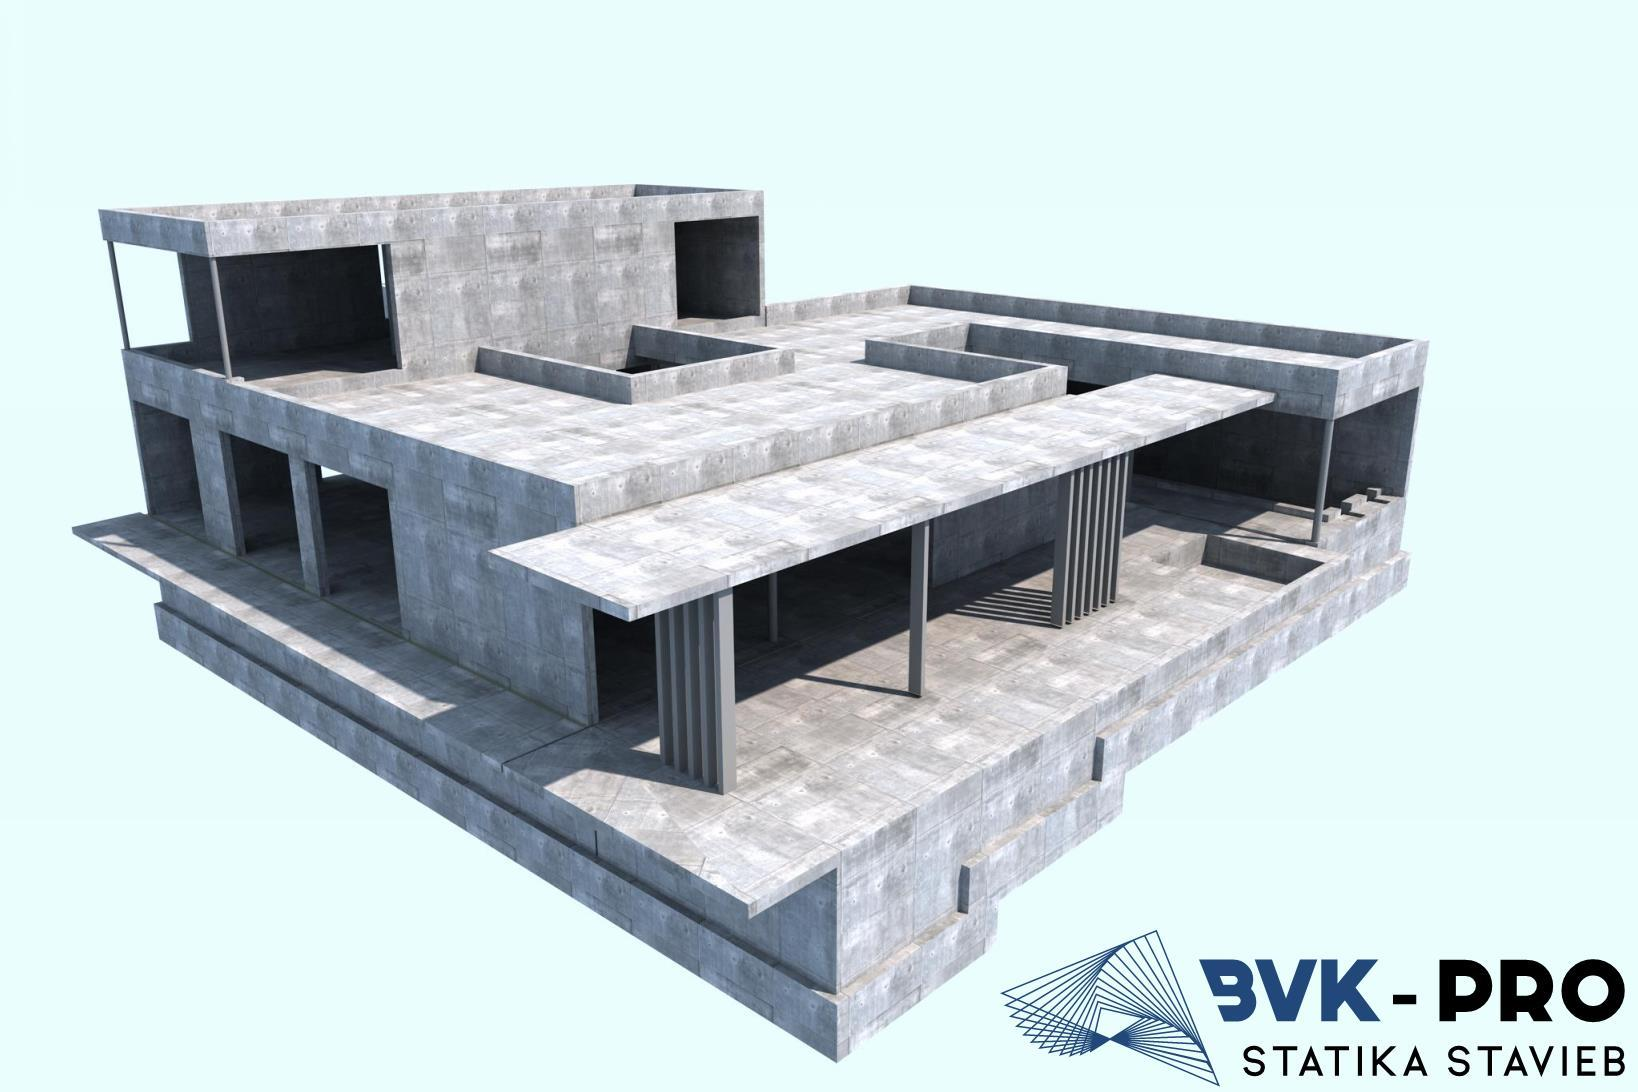 Atriumhaus Bvk Pro S R O  Page 004